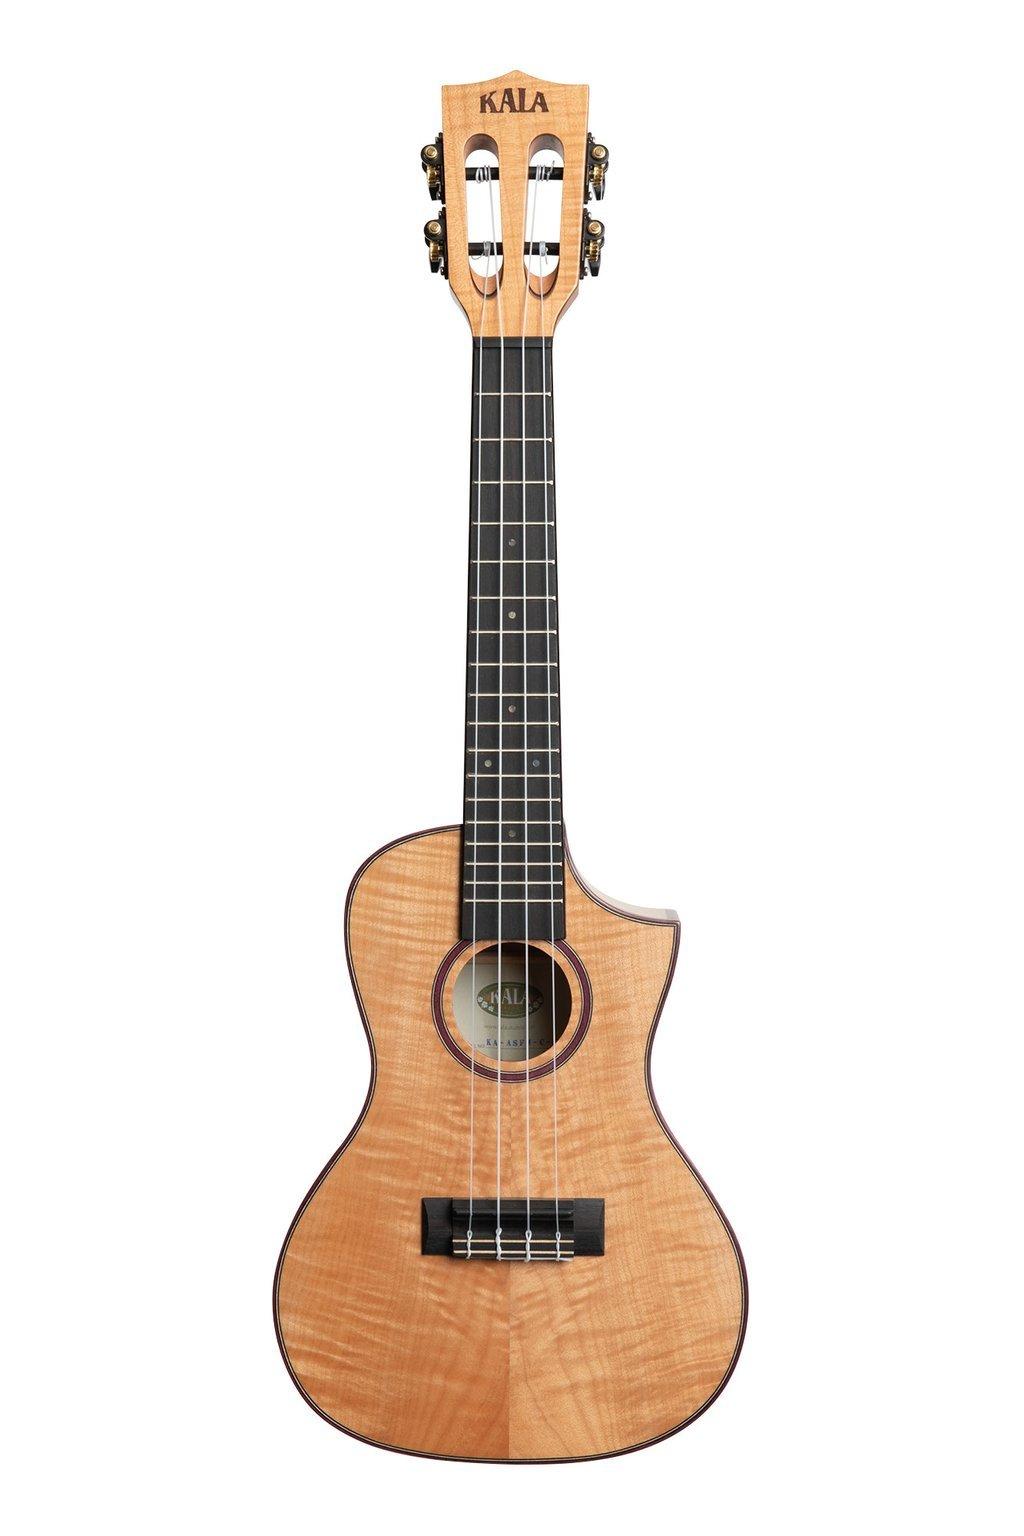 Kala Solid Flame Maple Concert Cutaway Ukulele